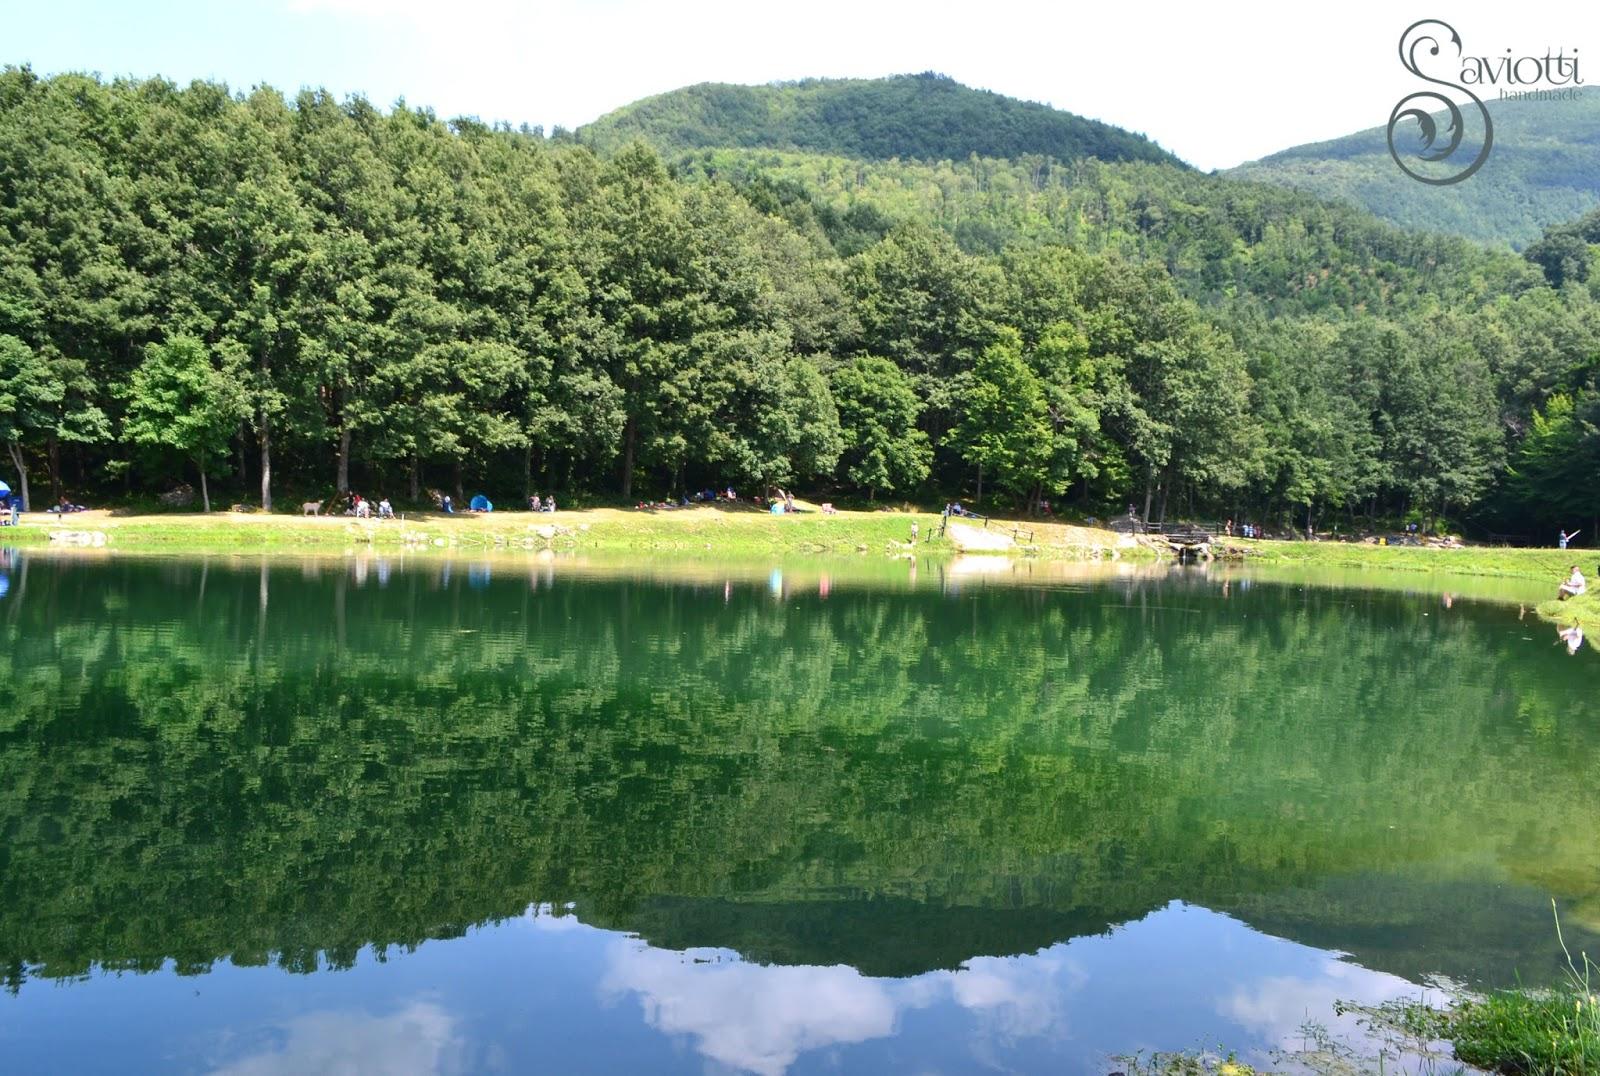 Saviotti handmade bagno di romagna itinerari per bambini - Lago lungo bagno di romagna ...